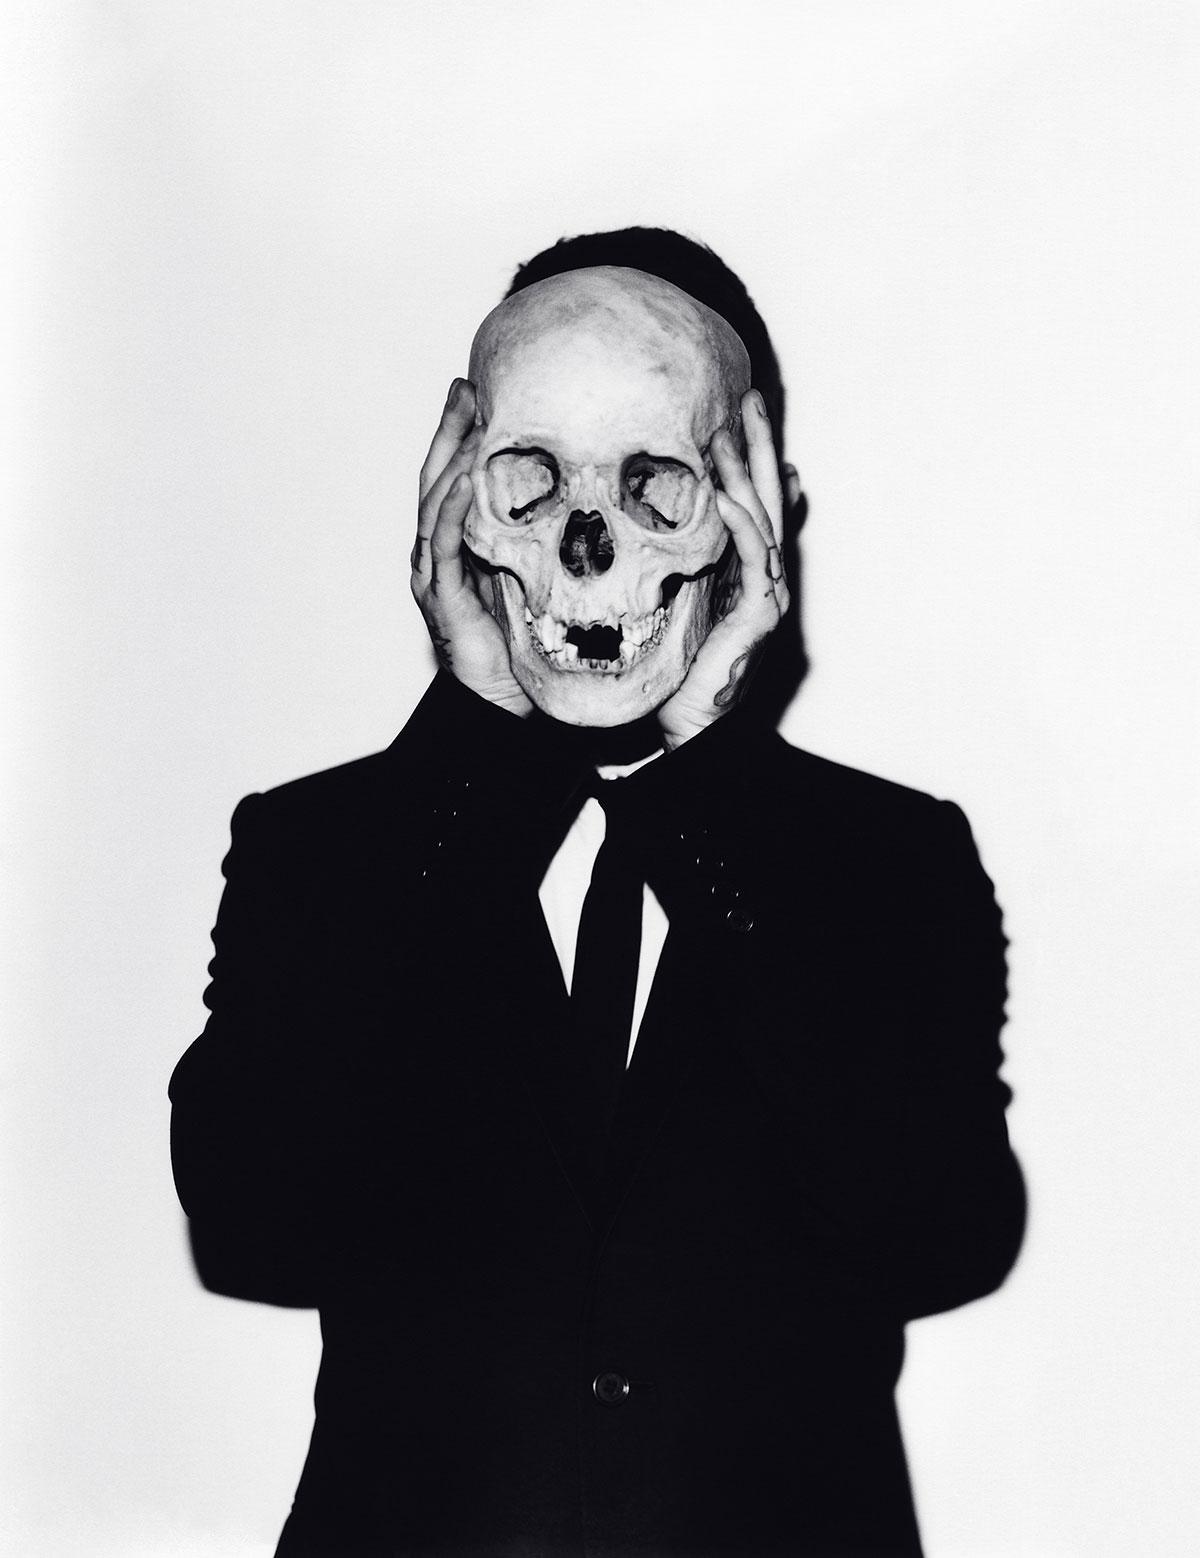 Untitled (Frank #9, Skull), 2011